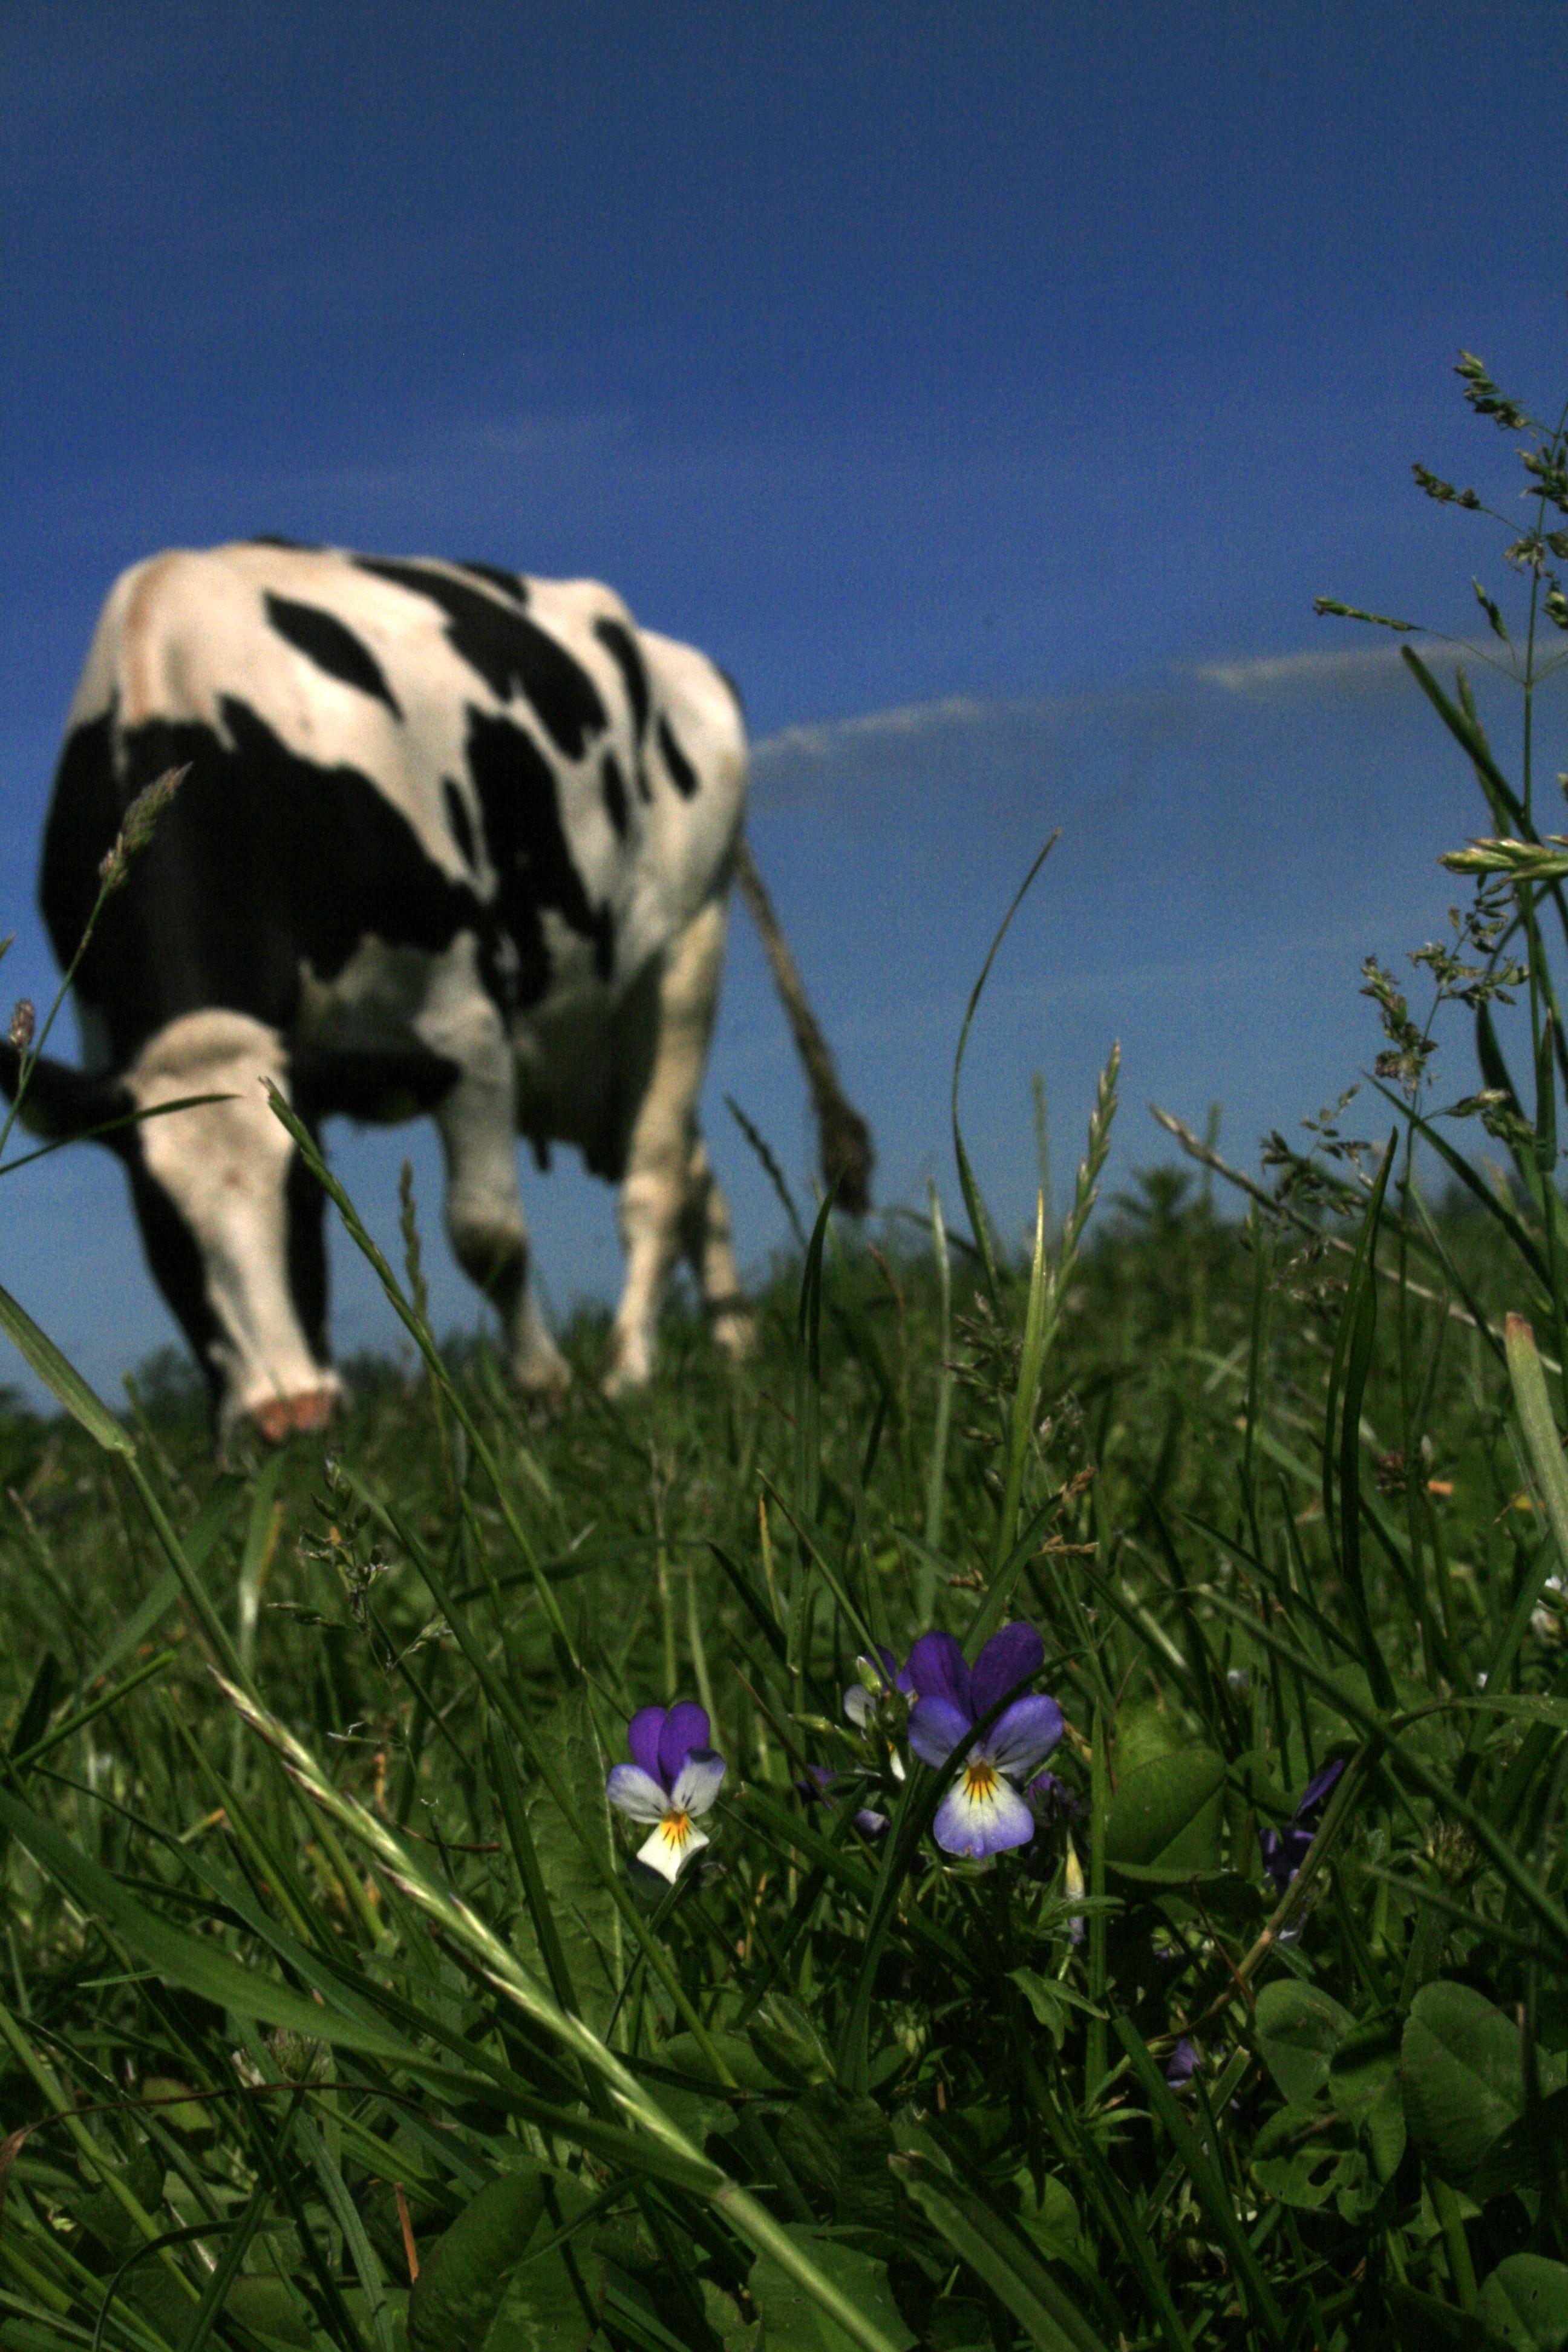 Ko på græs